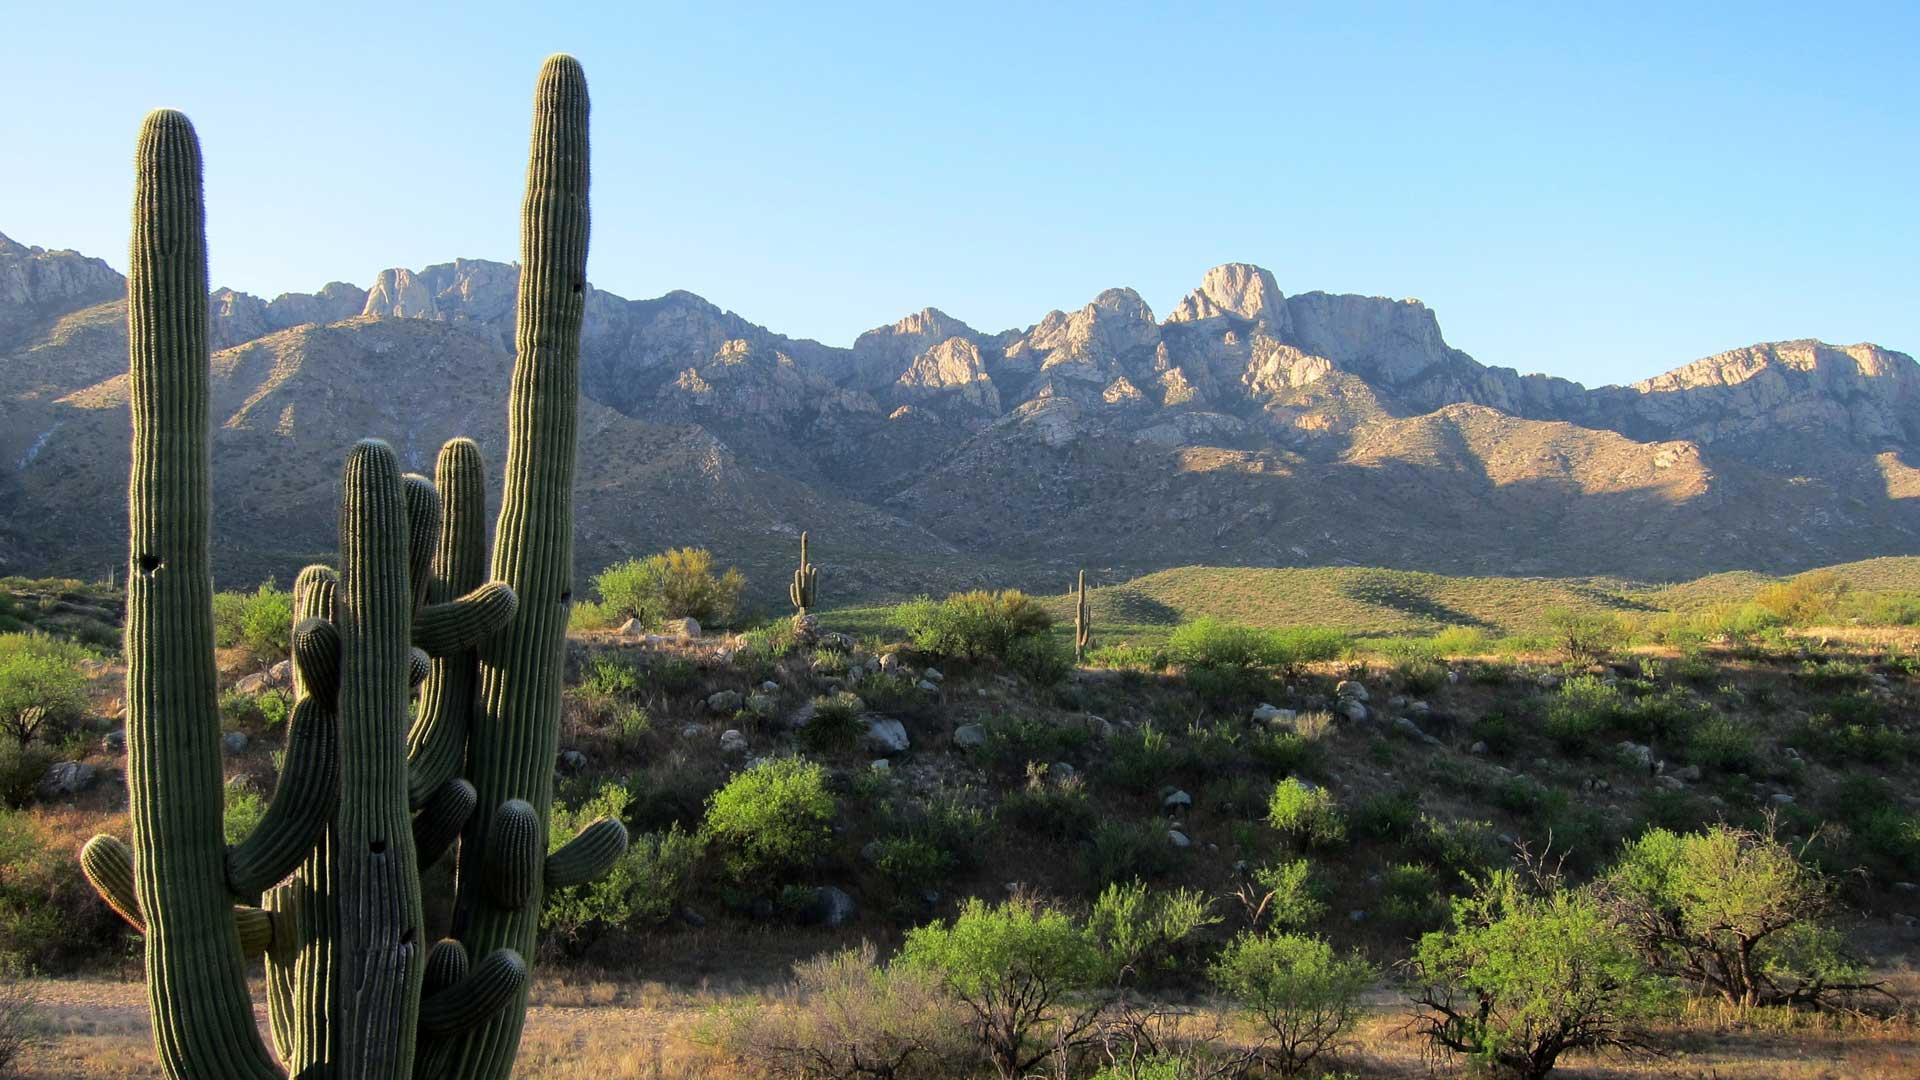 Santa Catalina Mountains | Coalition for Sonoran Desert Protection